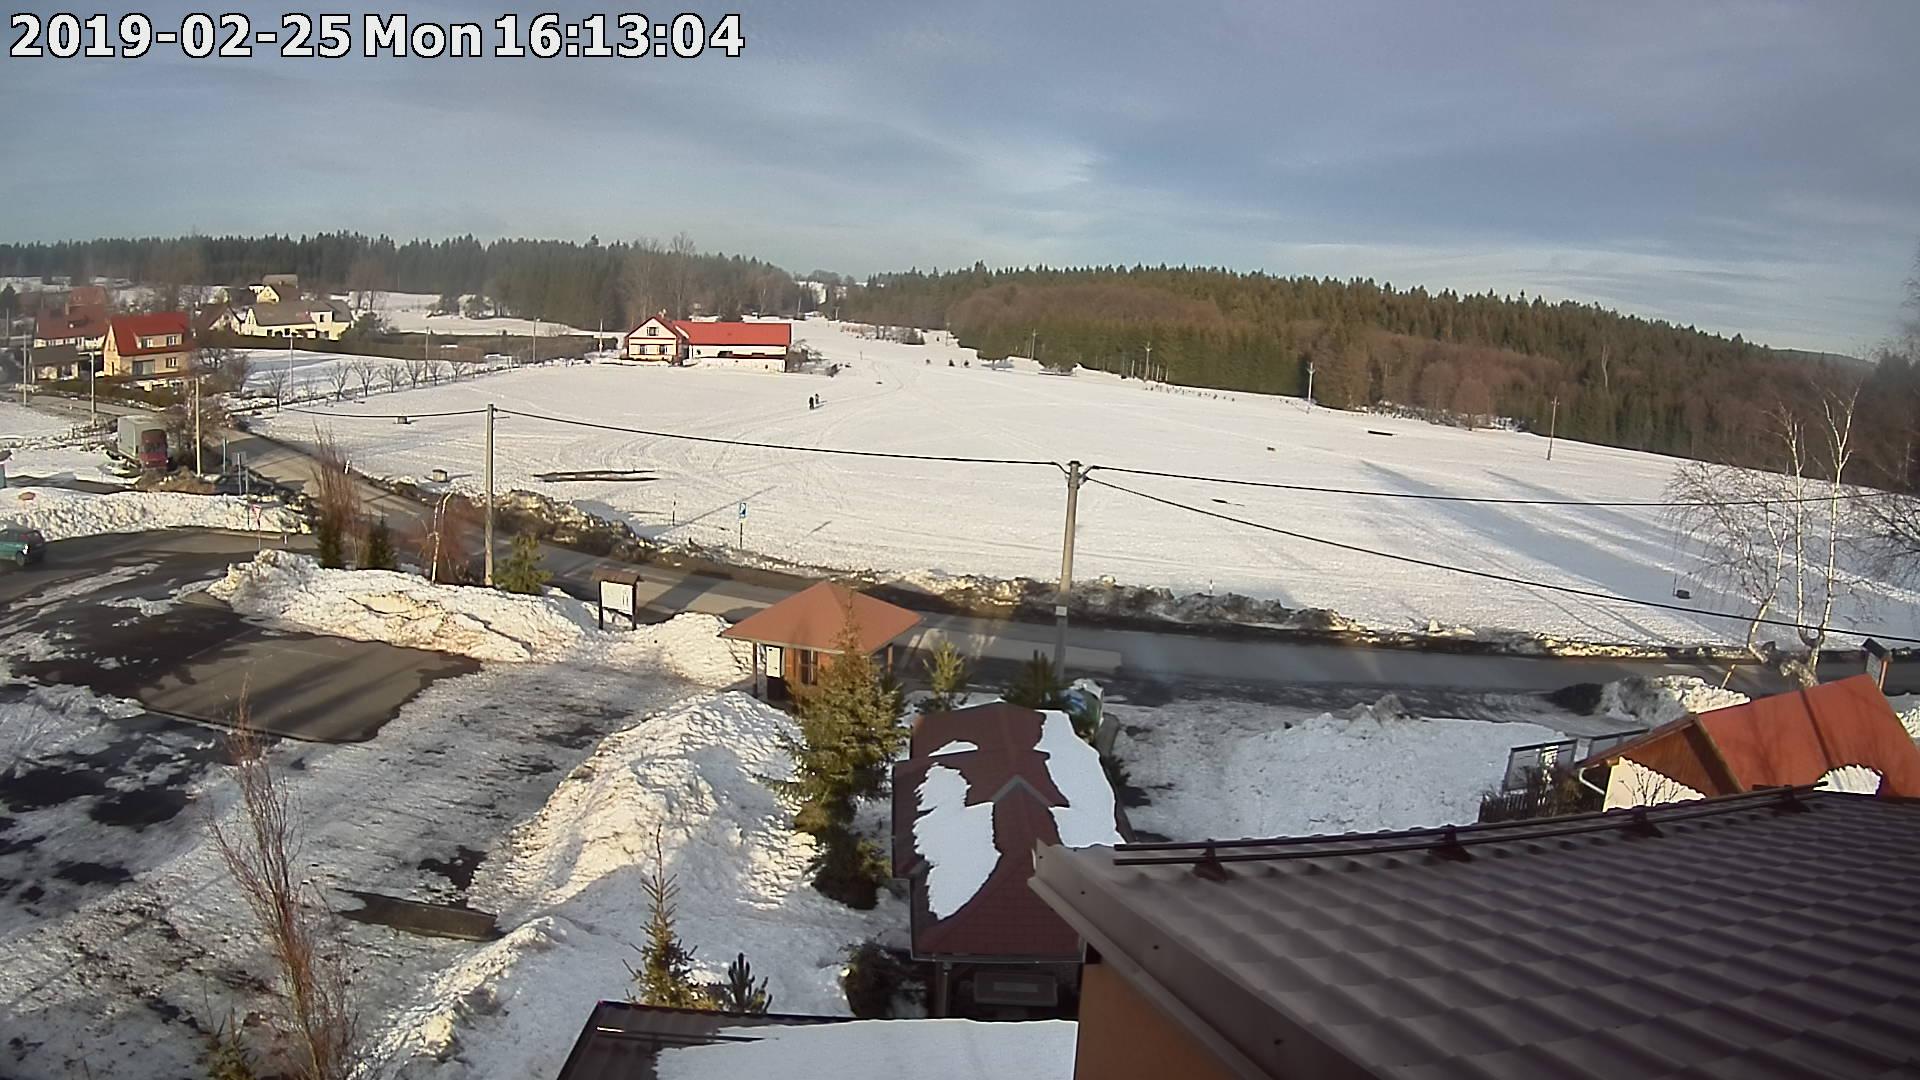 Webkamera ze dne 2019-02-25